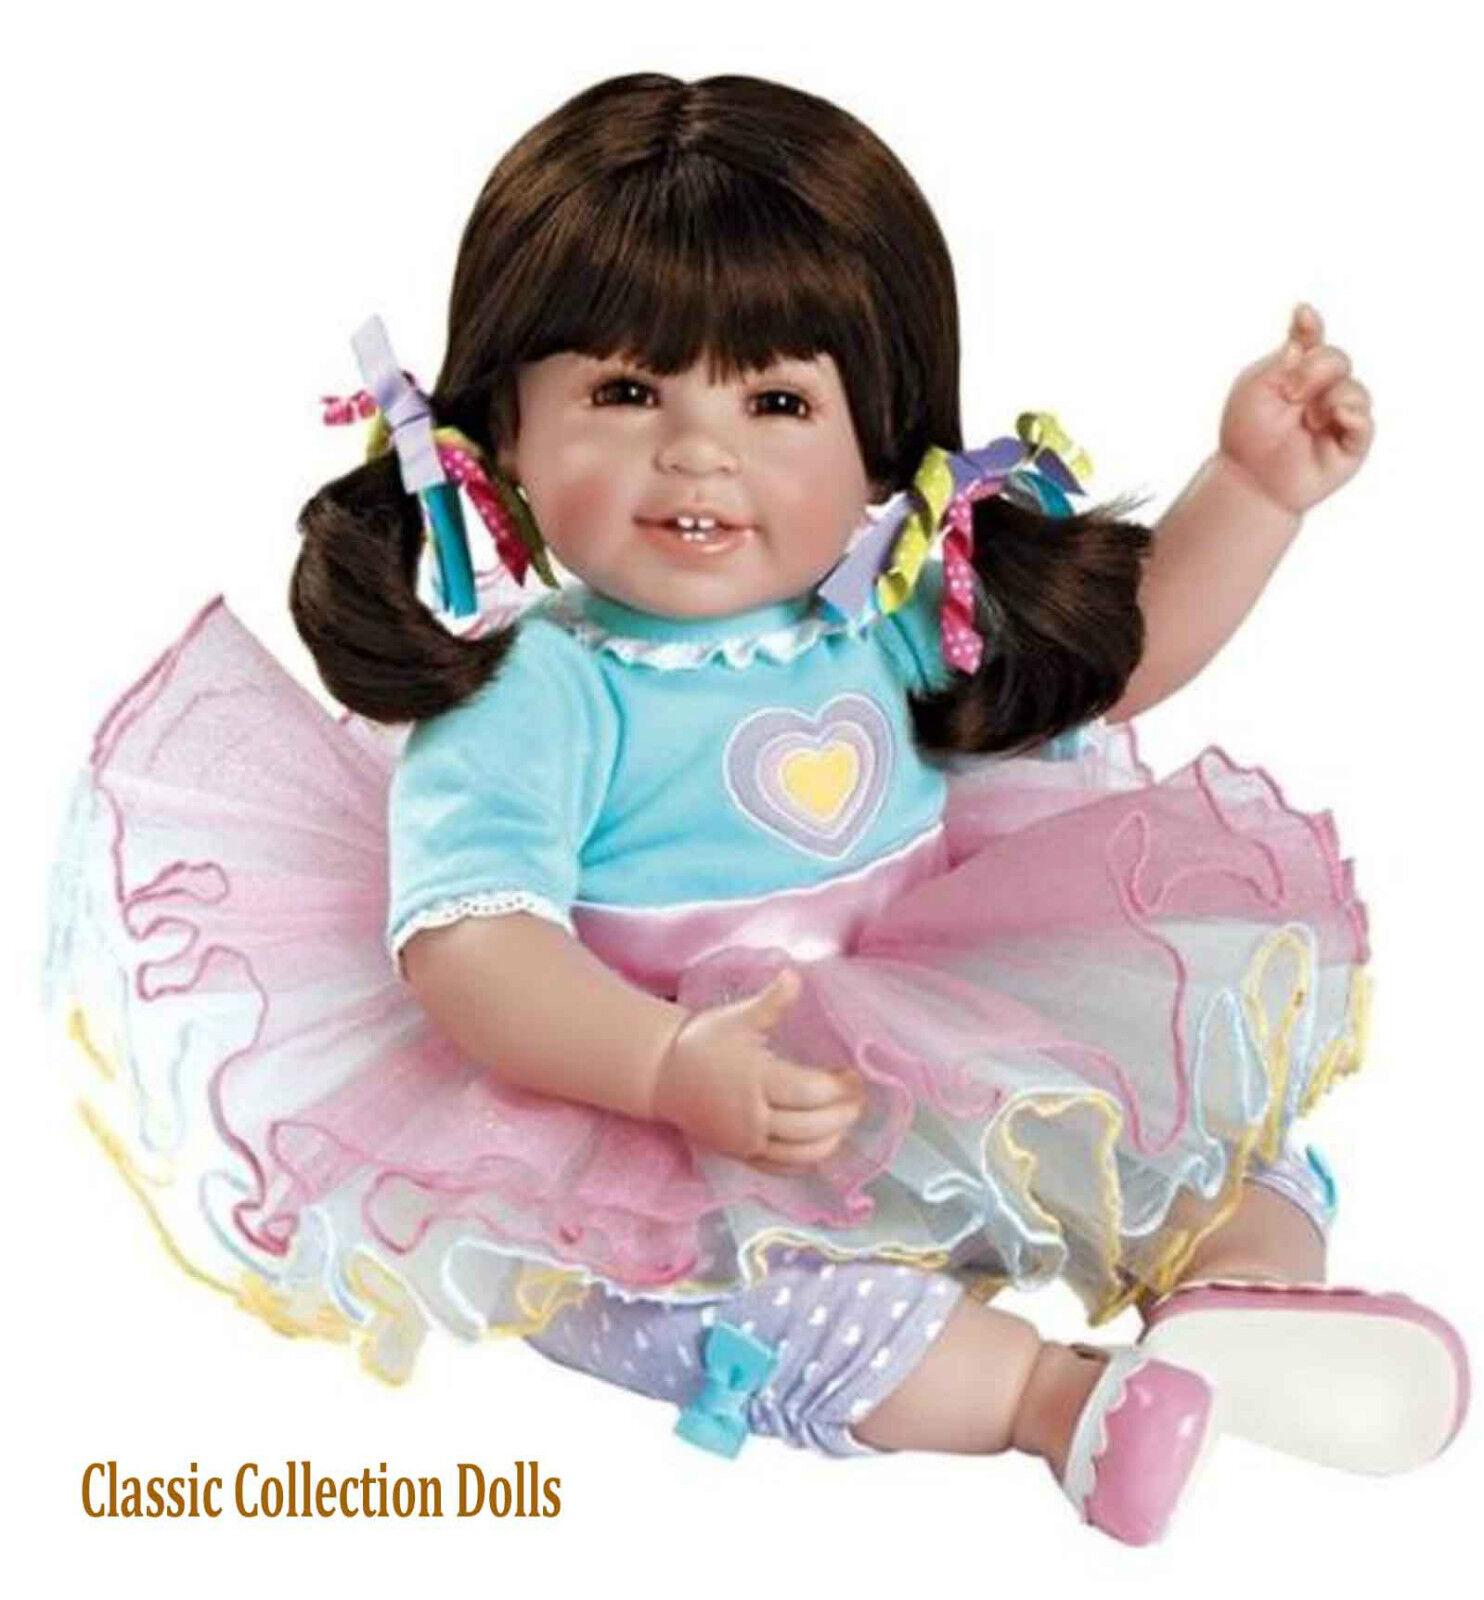 Per  zucchero RUSH  - Qualità adorabili giocare bambola da adora. - dell' Unione europea in materia di sicurezza conforme-NUOVO